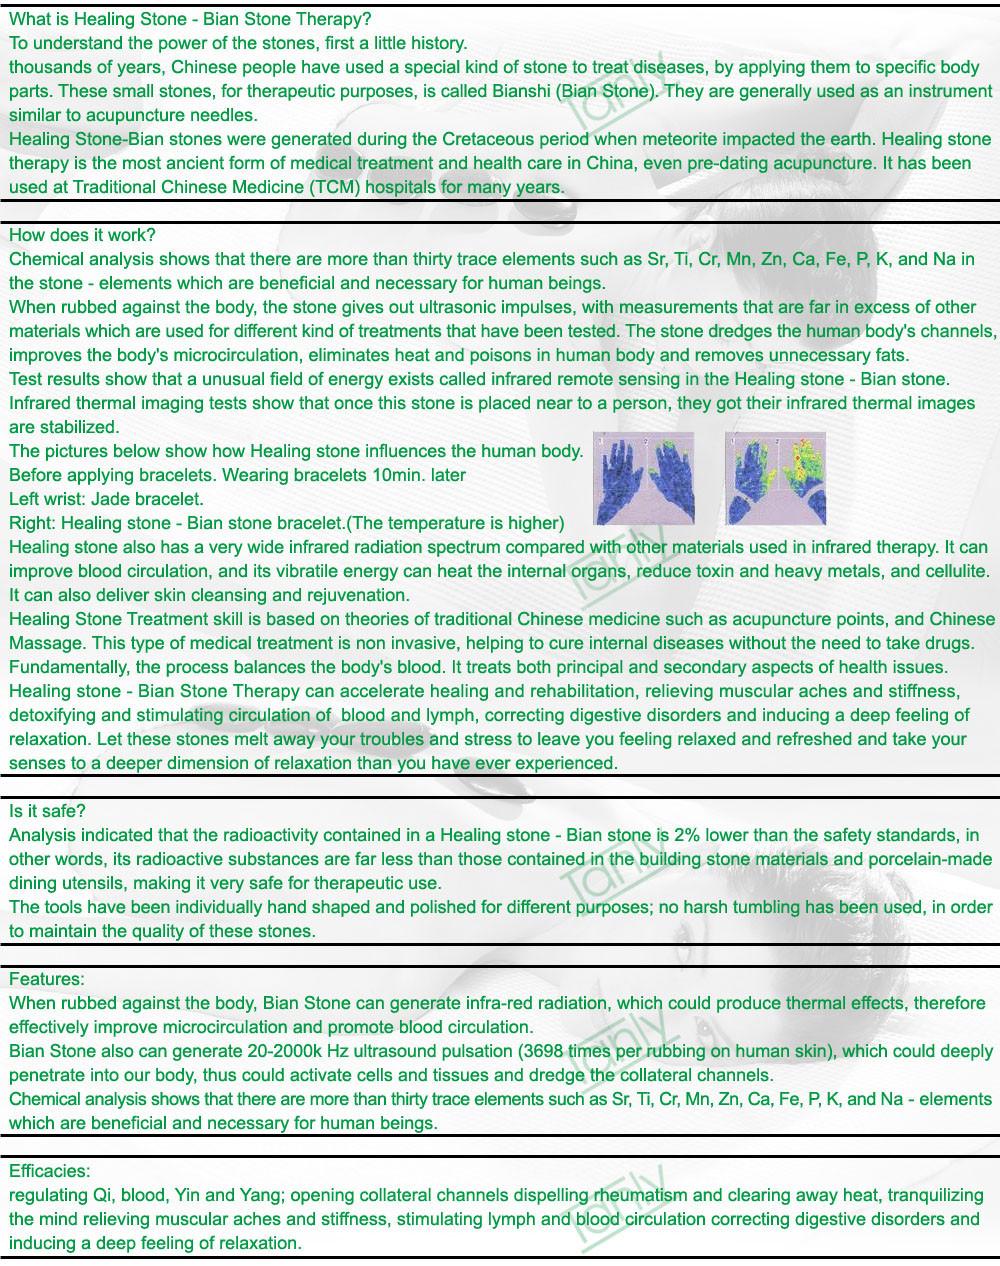 Gift gua sha chart & bag! Wholesale & Retail Black Bian Stone Massage Guasha Comb health care product  (120x50mm)  Gift gua sha chart & bag! Wholesale & Retail Black Bian Stone Massage Guasha Comb health care product  (120x50mm)  Gift gua sha chart & bag! Wholesale & Retail Black Bian Stone Massage Guasha Comb health care product  (120x50mm)  Gift gua sha chart & bag! Wholesale & Retail Black Bian Stone Massage Guasha Comb health care product  (120x50mm)  Gift gua sha chart & bag! Wholesale & Retail Black Bian Stone Massage Guasha Comb health care product  (120x50mm)  Gift gua sha chart & bag! Wholesale & Retail Black Bian Stone Massage Guasha Comb health care product  (120x50mm)